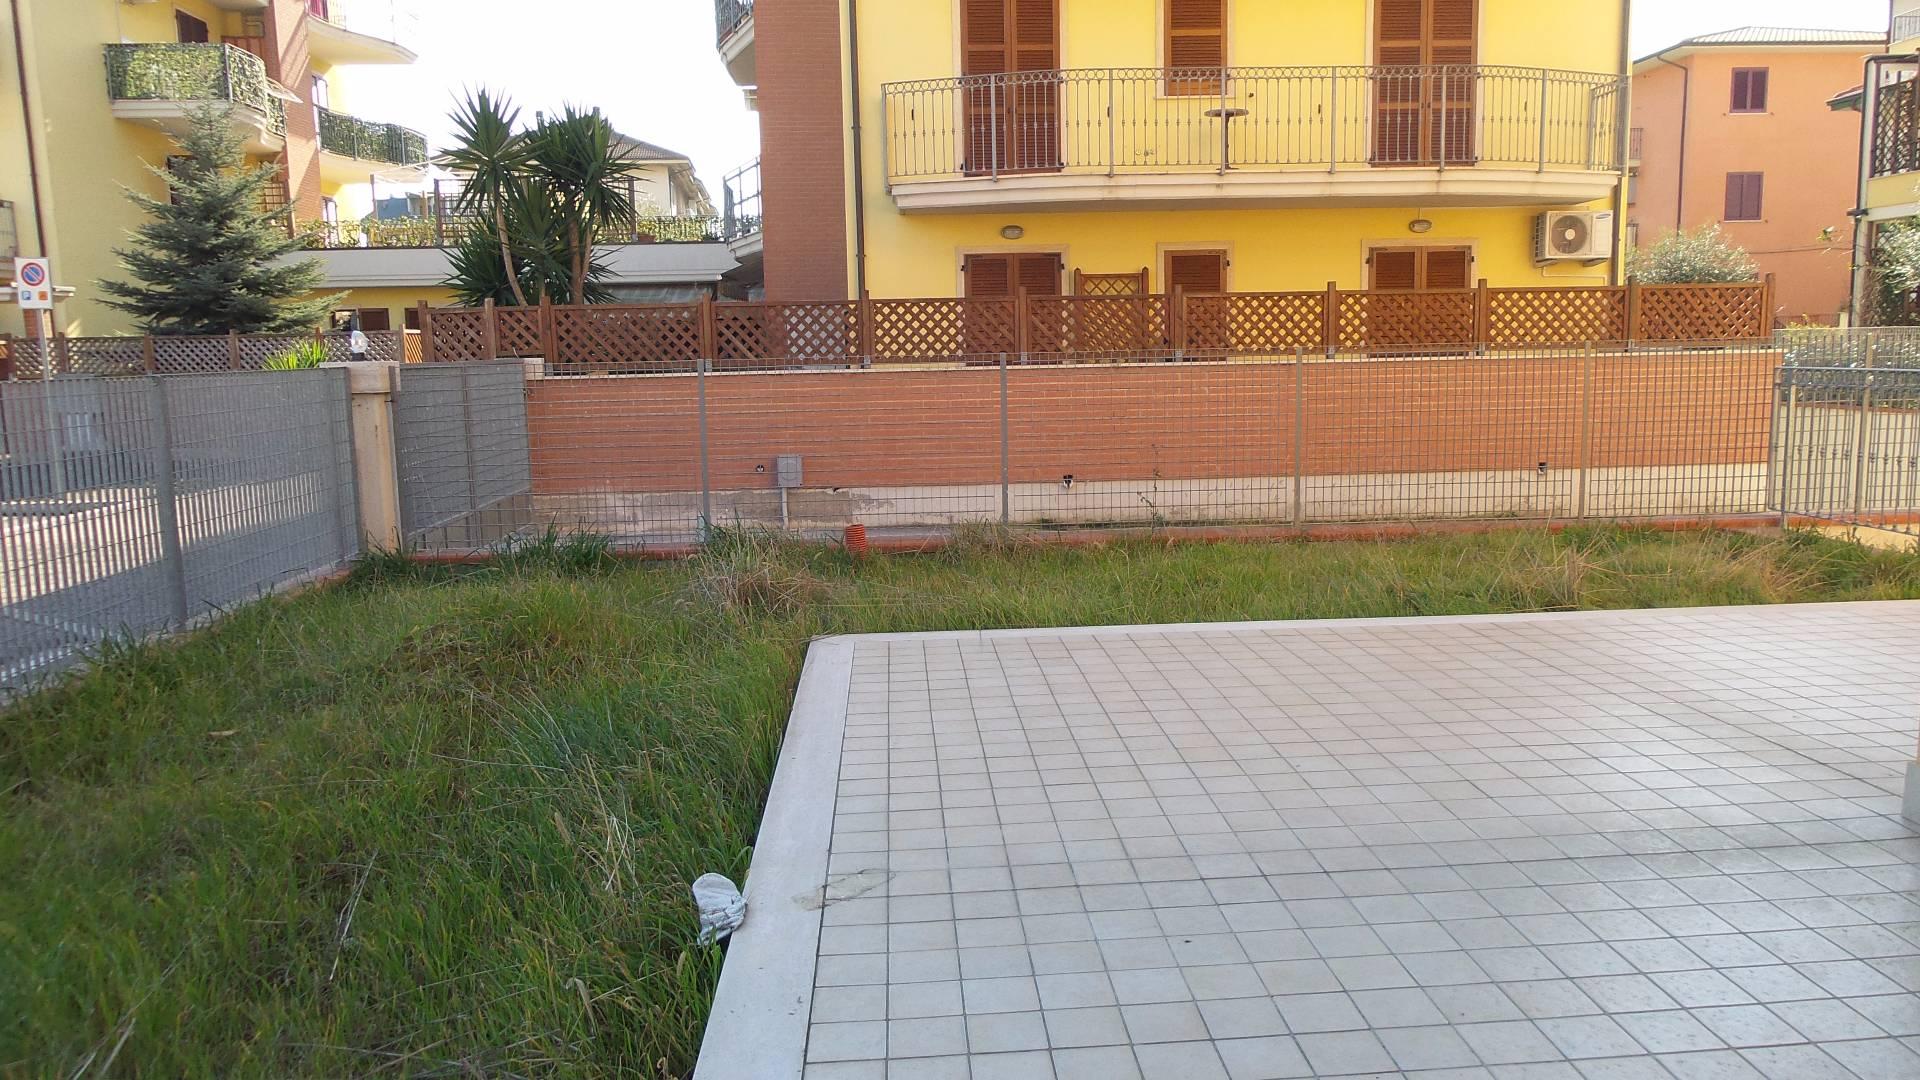 Appartamento in vendita a San Benedetto del Tronto, 3 locali, zona Località: PortodAscoli, Trattative riservate | Cambio Casa.it